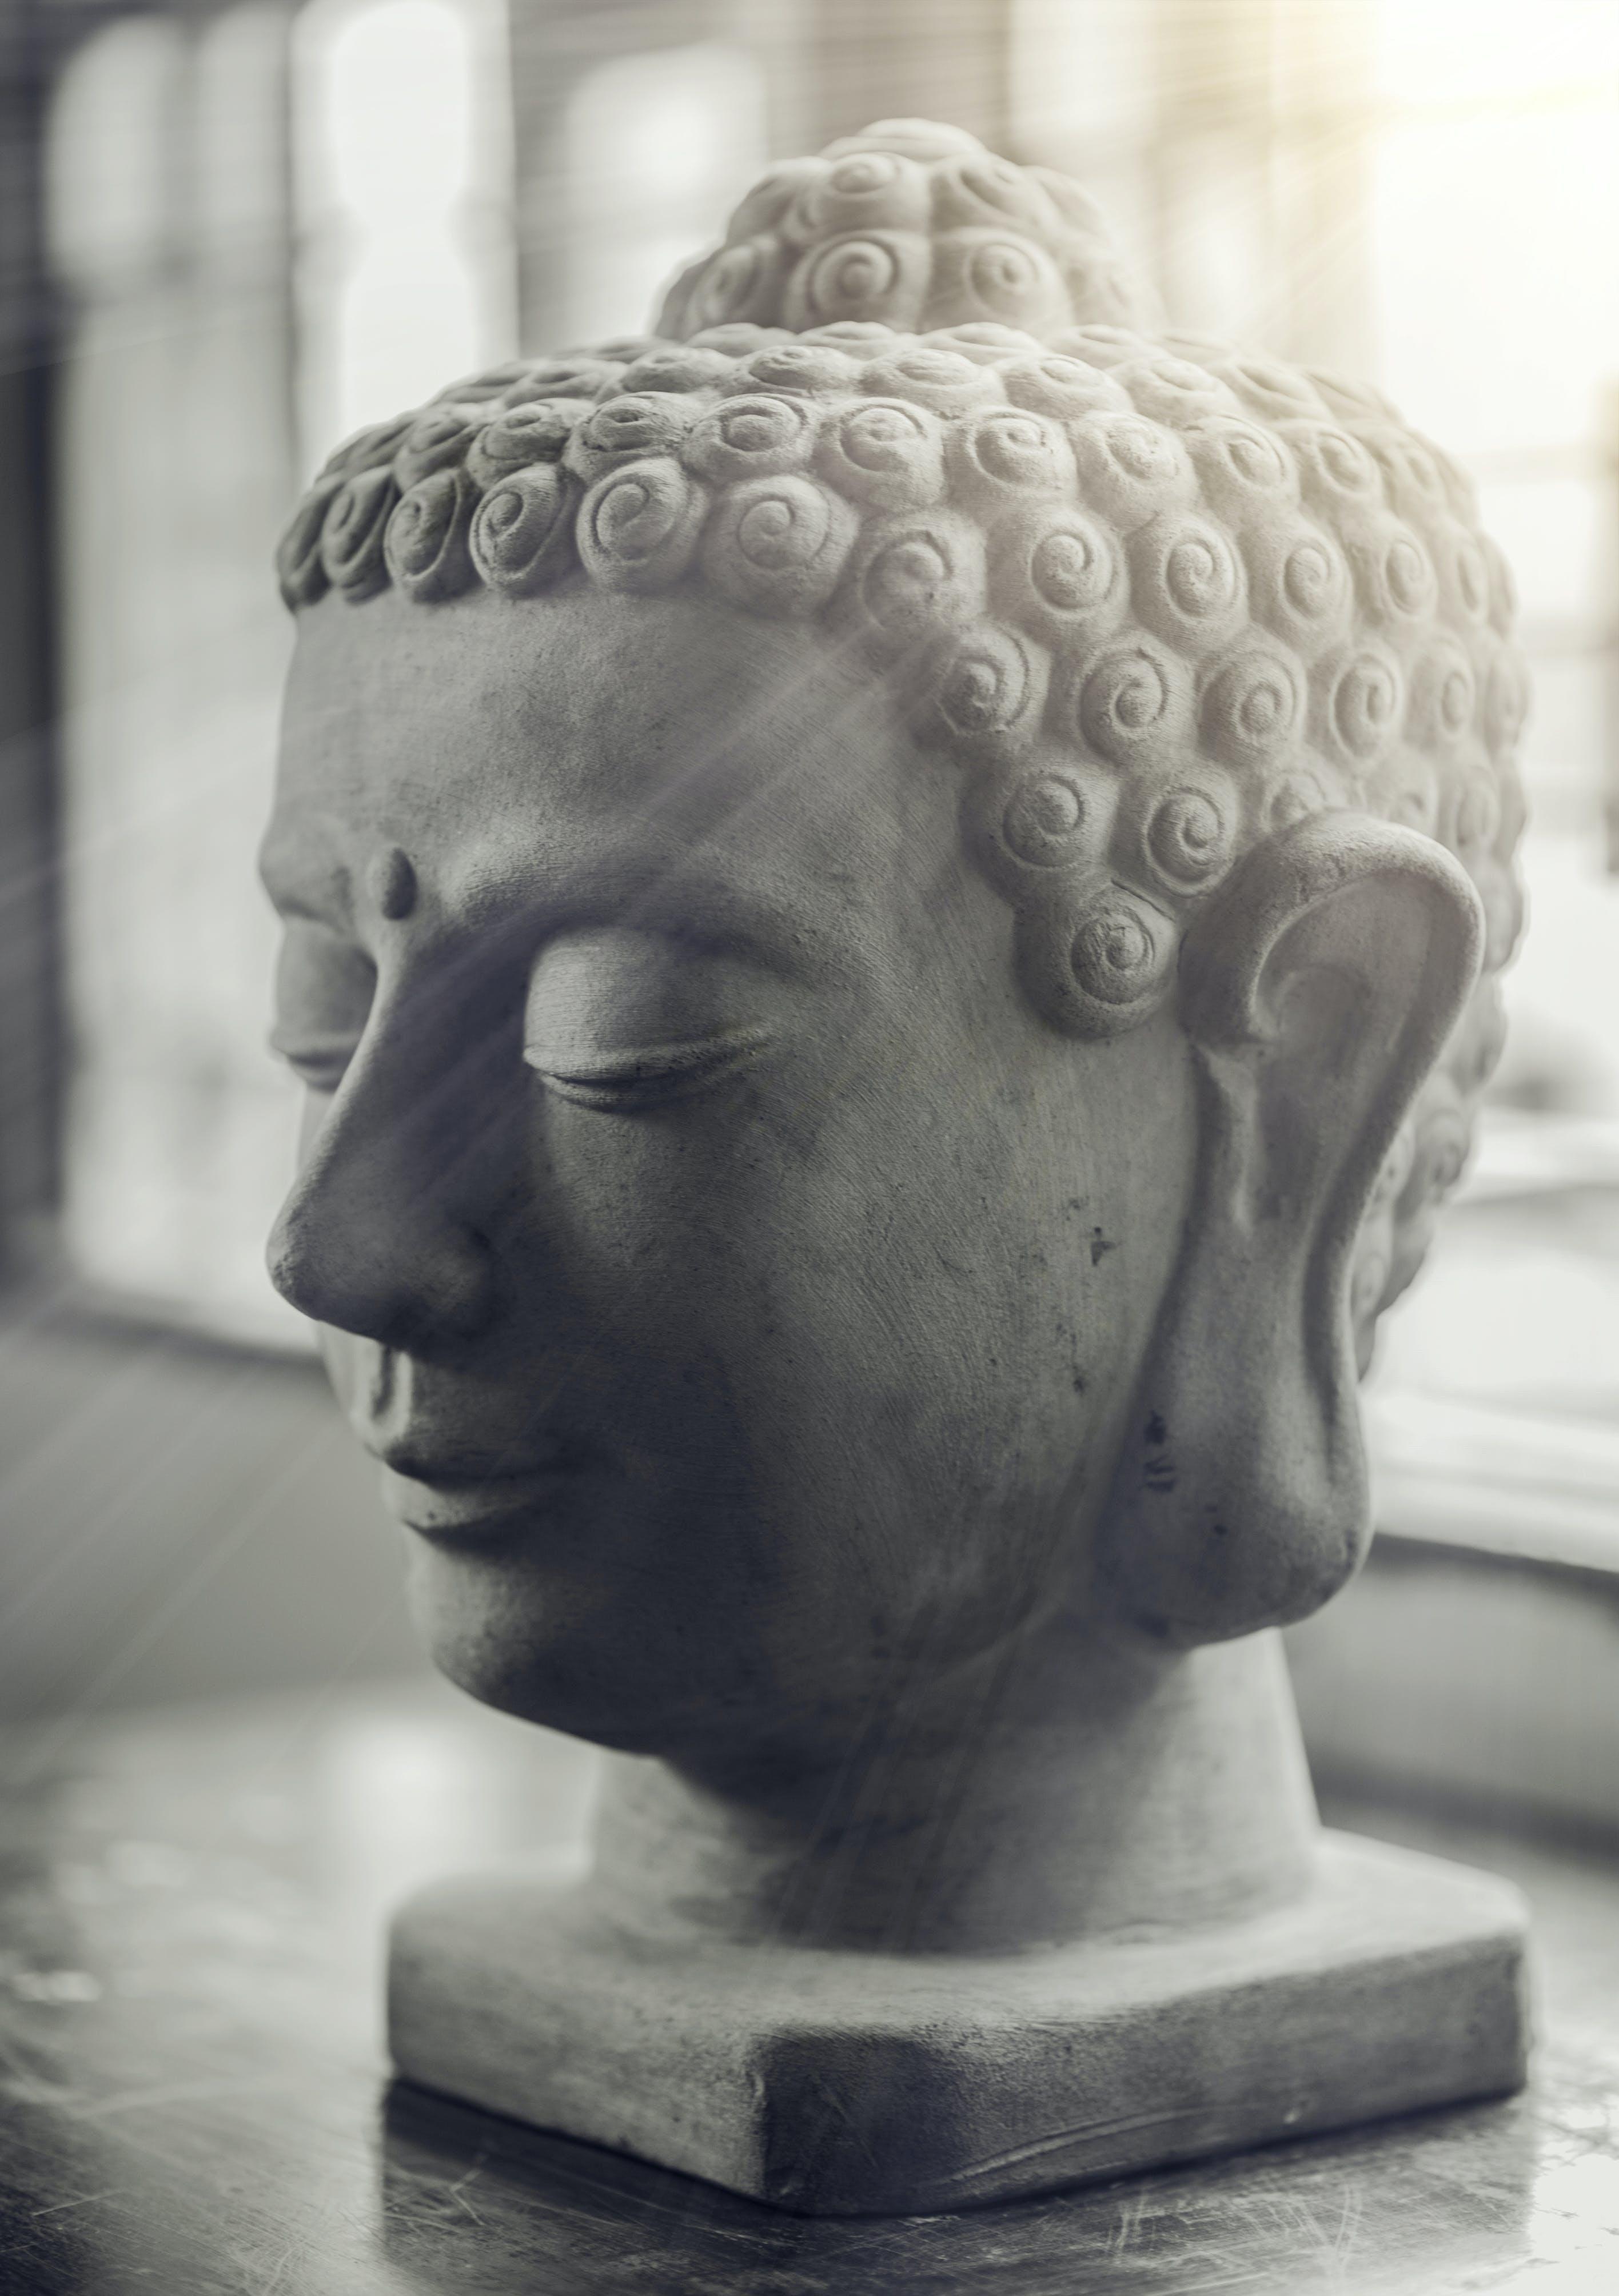 Selective Focus of Gautama Buddha Bust